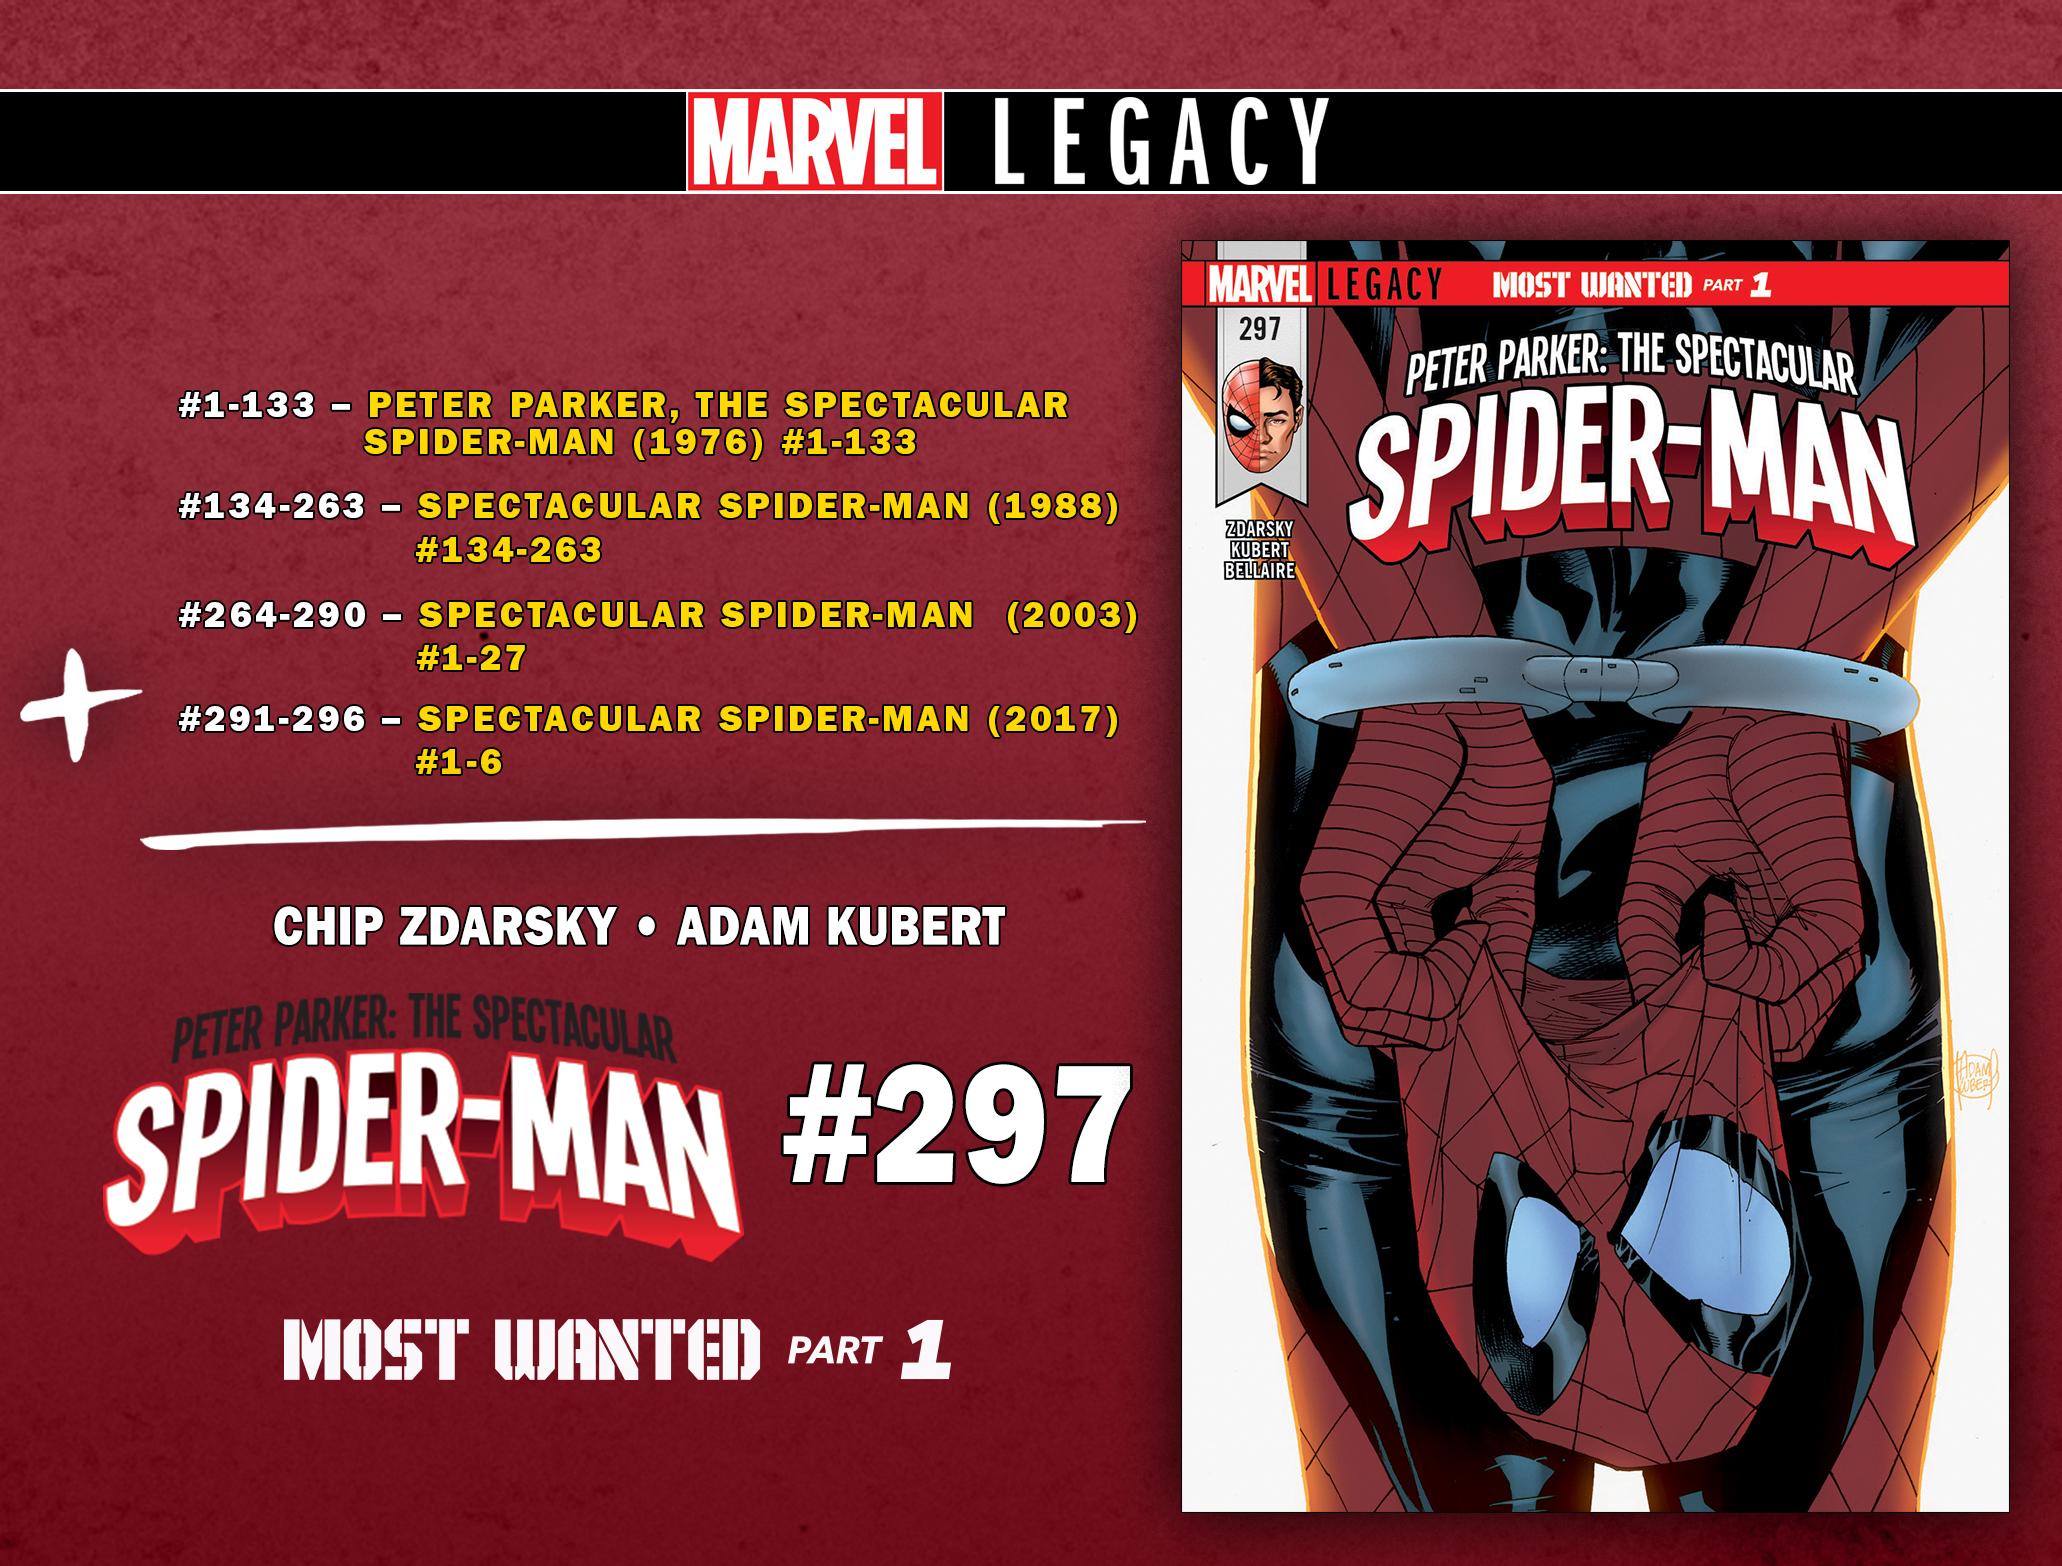 Spider-Man #297